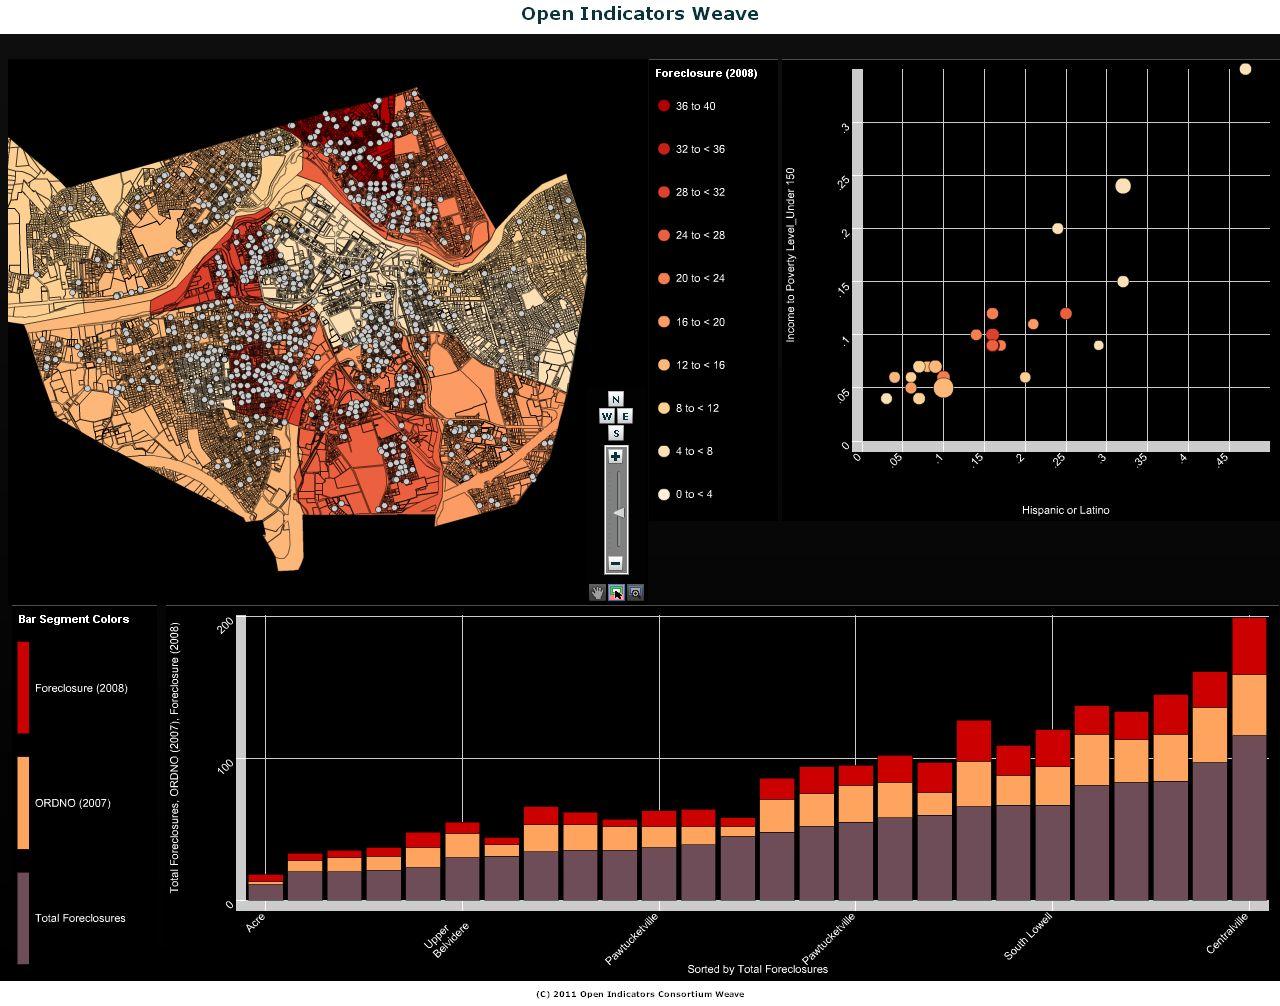 Weavewebbased visualization platform designed to enable